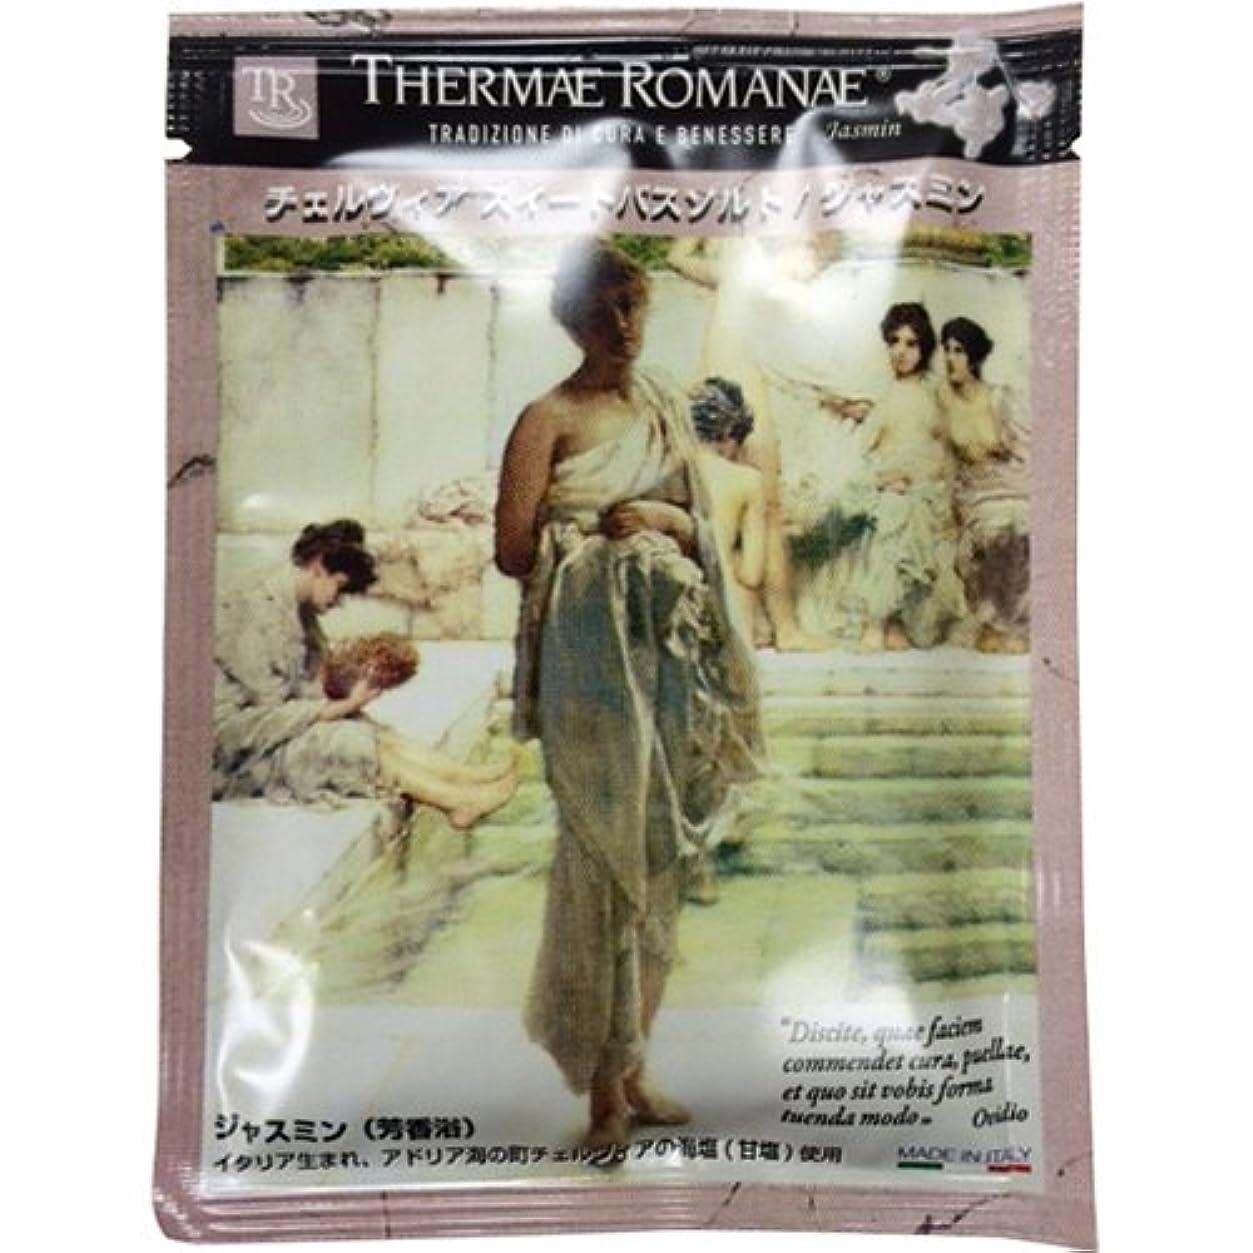 封筒規範作りますTHERMAE ROMANAE(テルマエ ロマエ) チェルヴィア スイート バスソルト40g ジャスミン